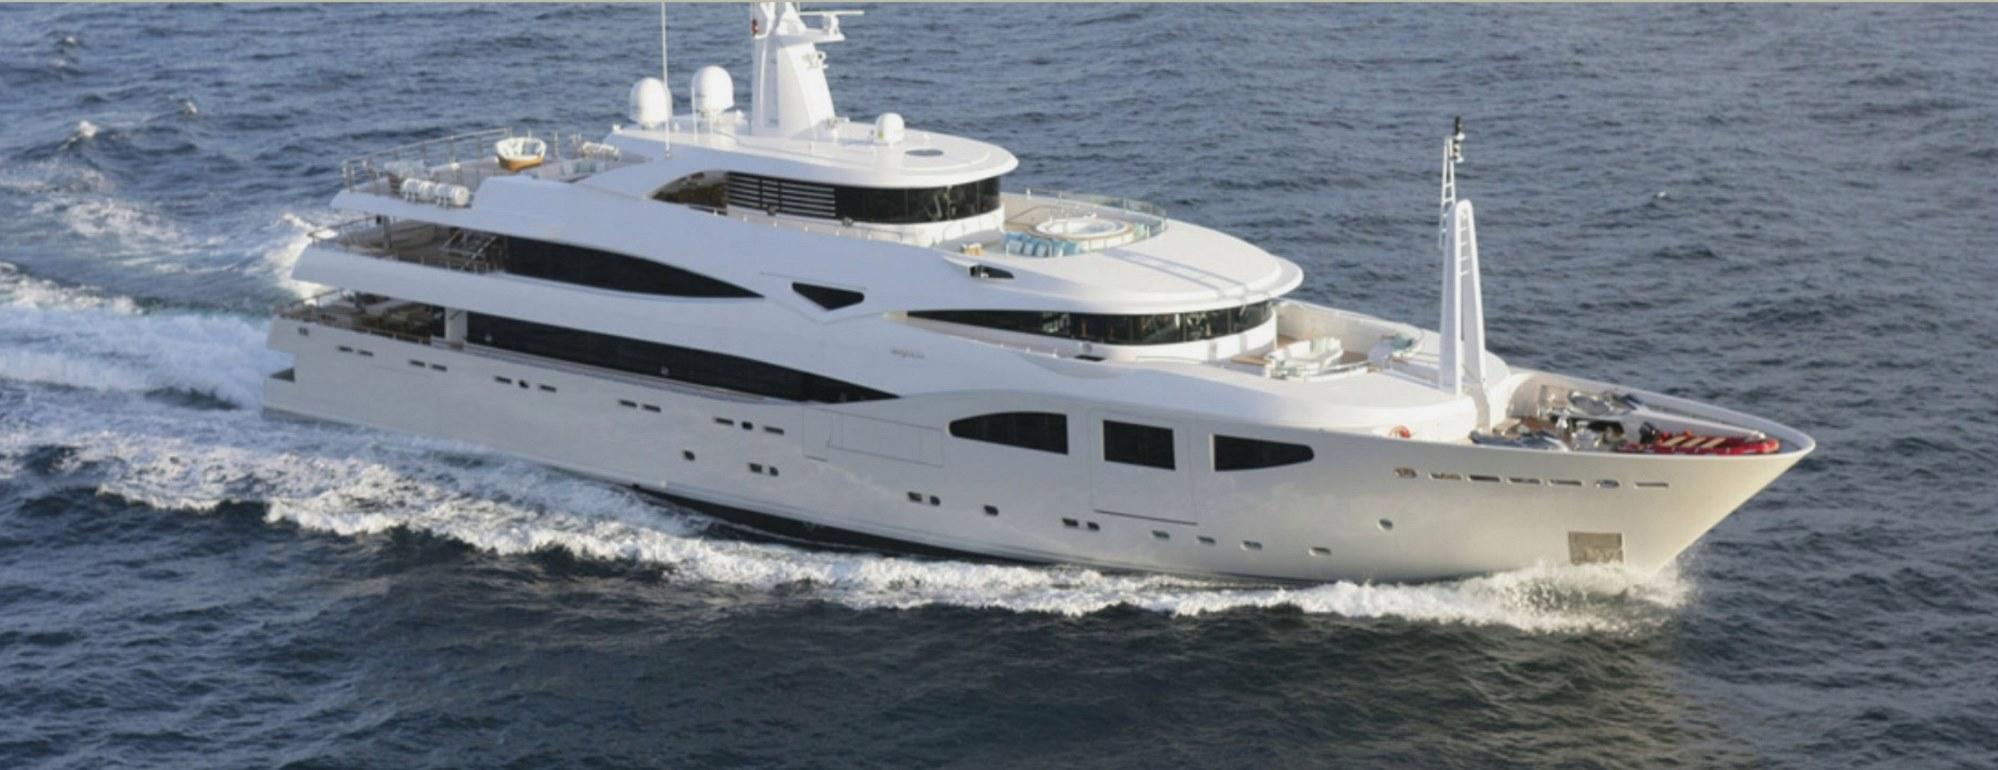 Maraya By CRN Yachts